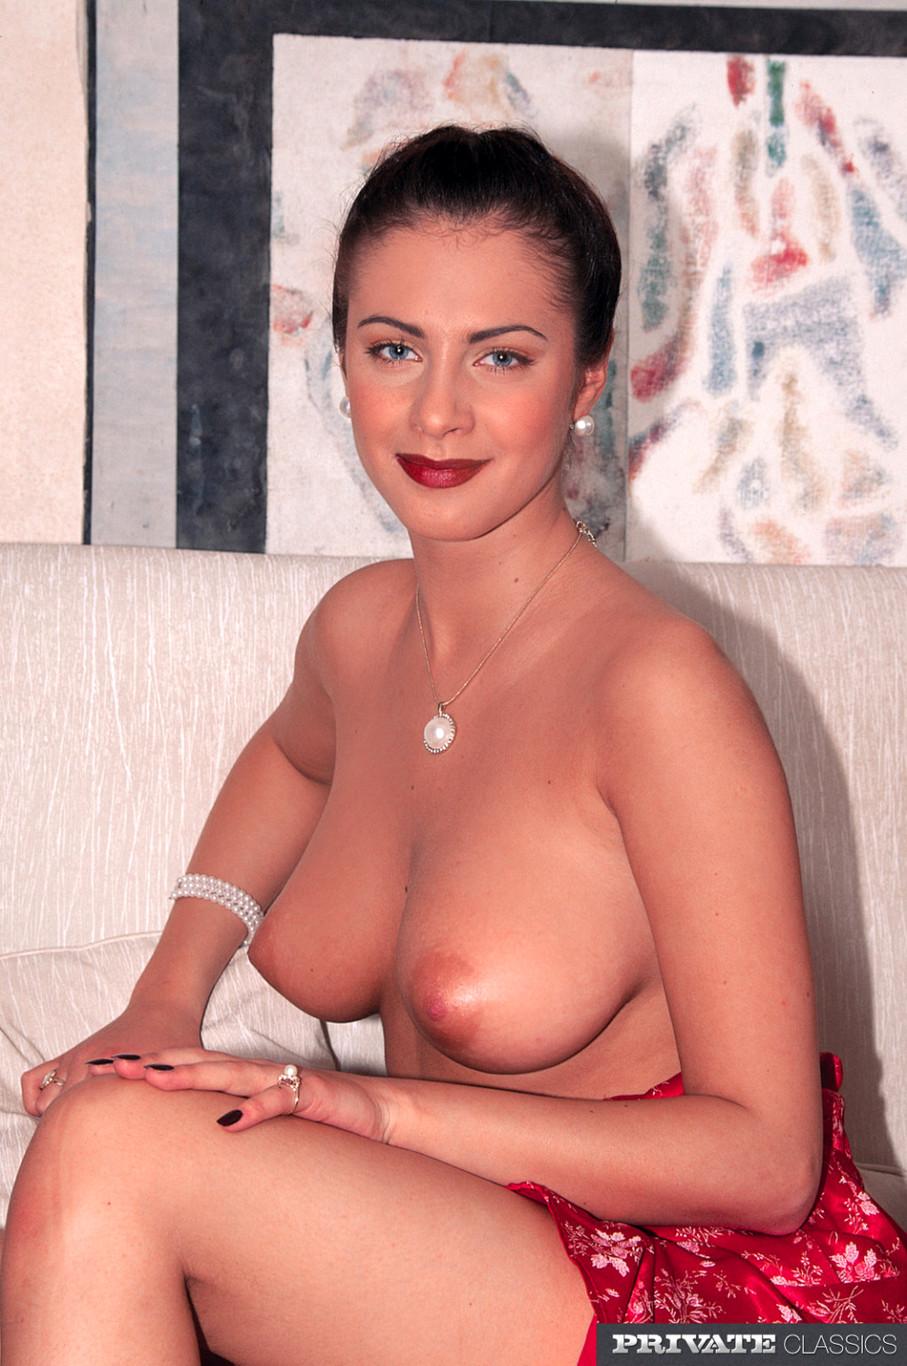 Babe Today Private Classics Cecile Breccia Enhanced Big -7756